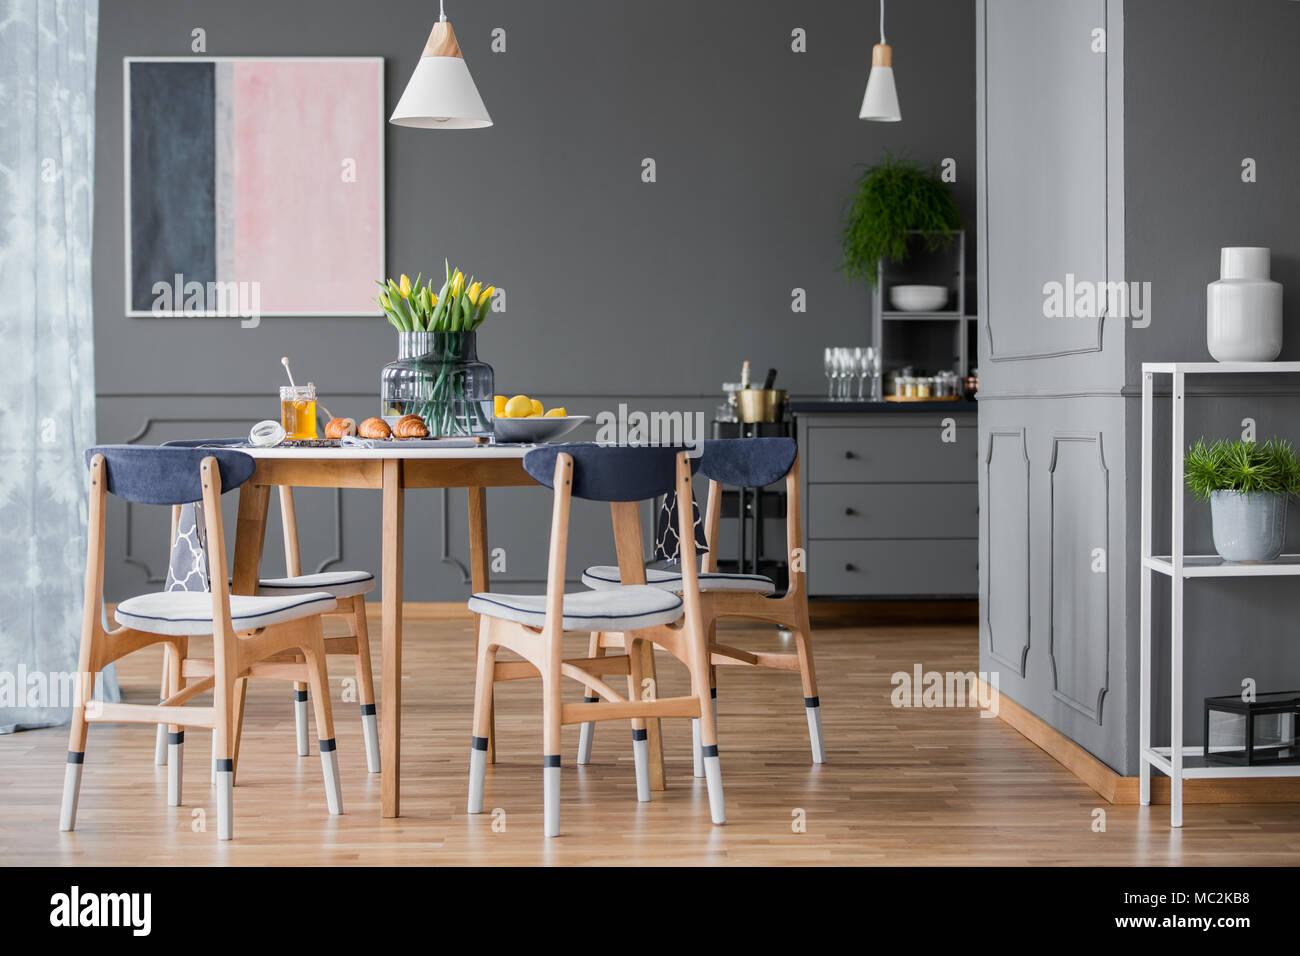 Sehr Holz-, Lack - Abblendlicht Stühle um einen kleinen Esstisch mit SV73